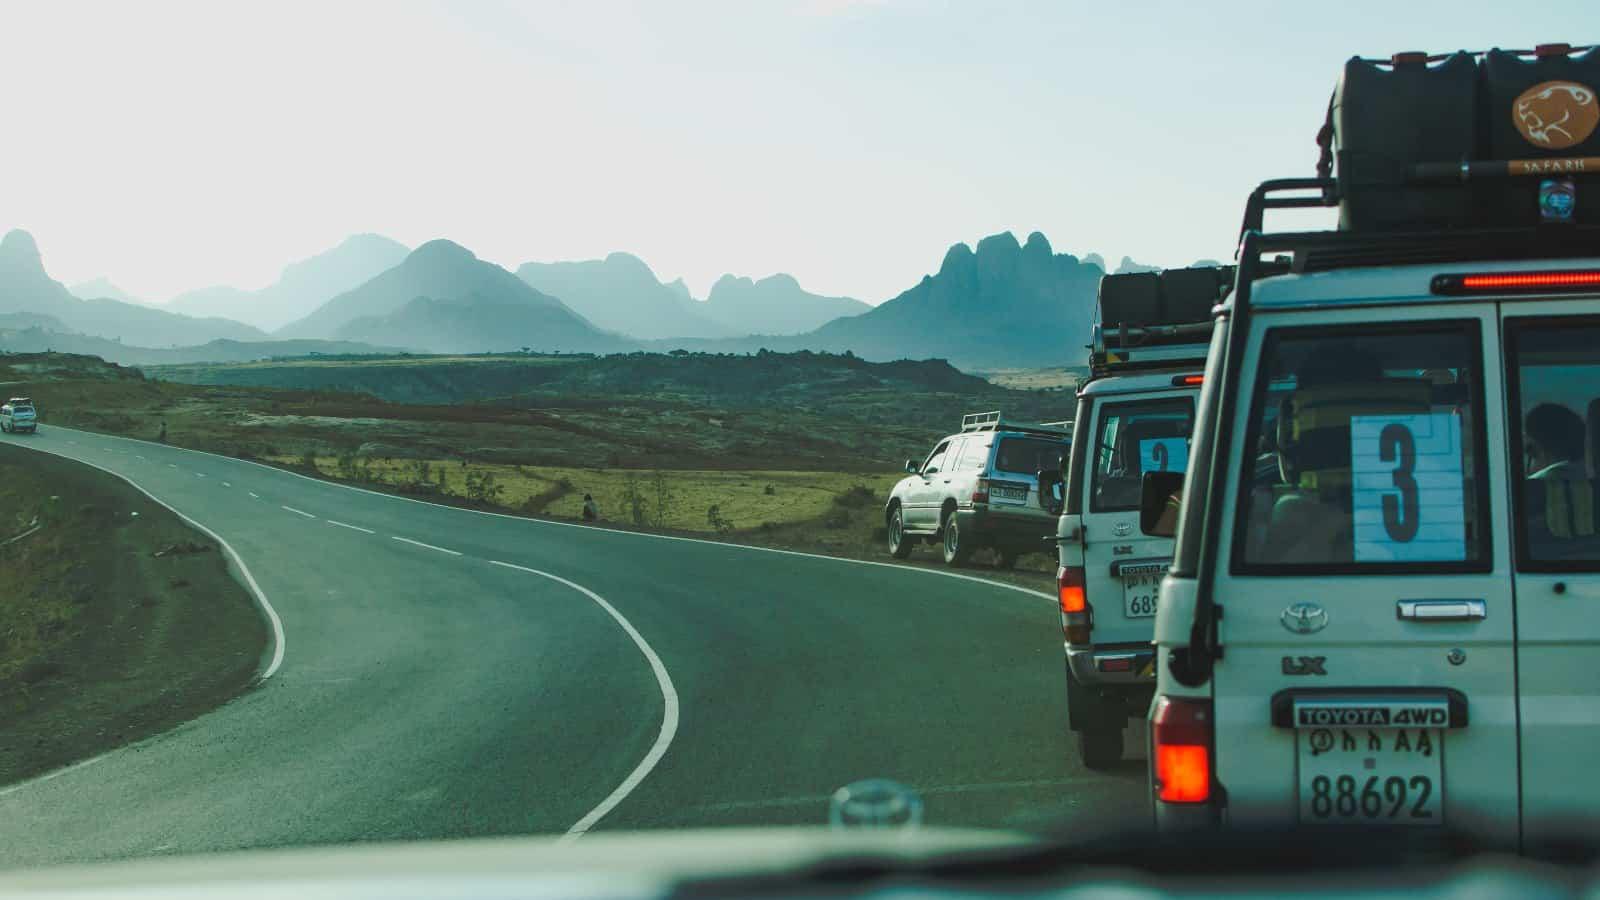 Tuân thủ luật an toàn giao thông để chuyến đi được an toàn